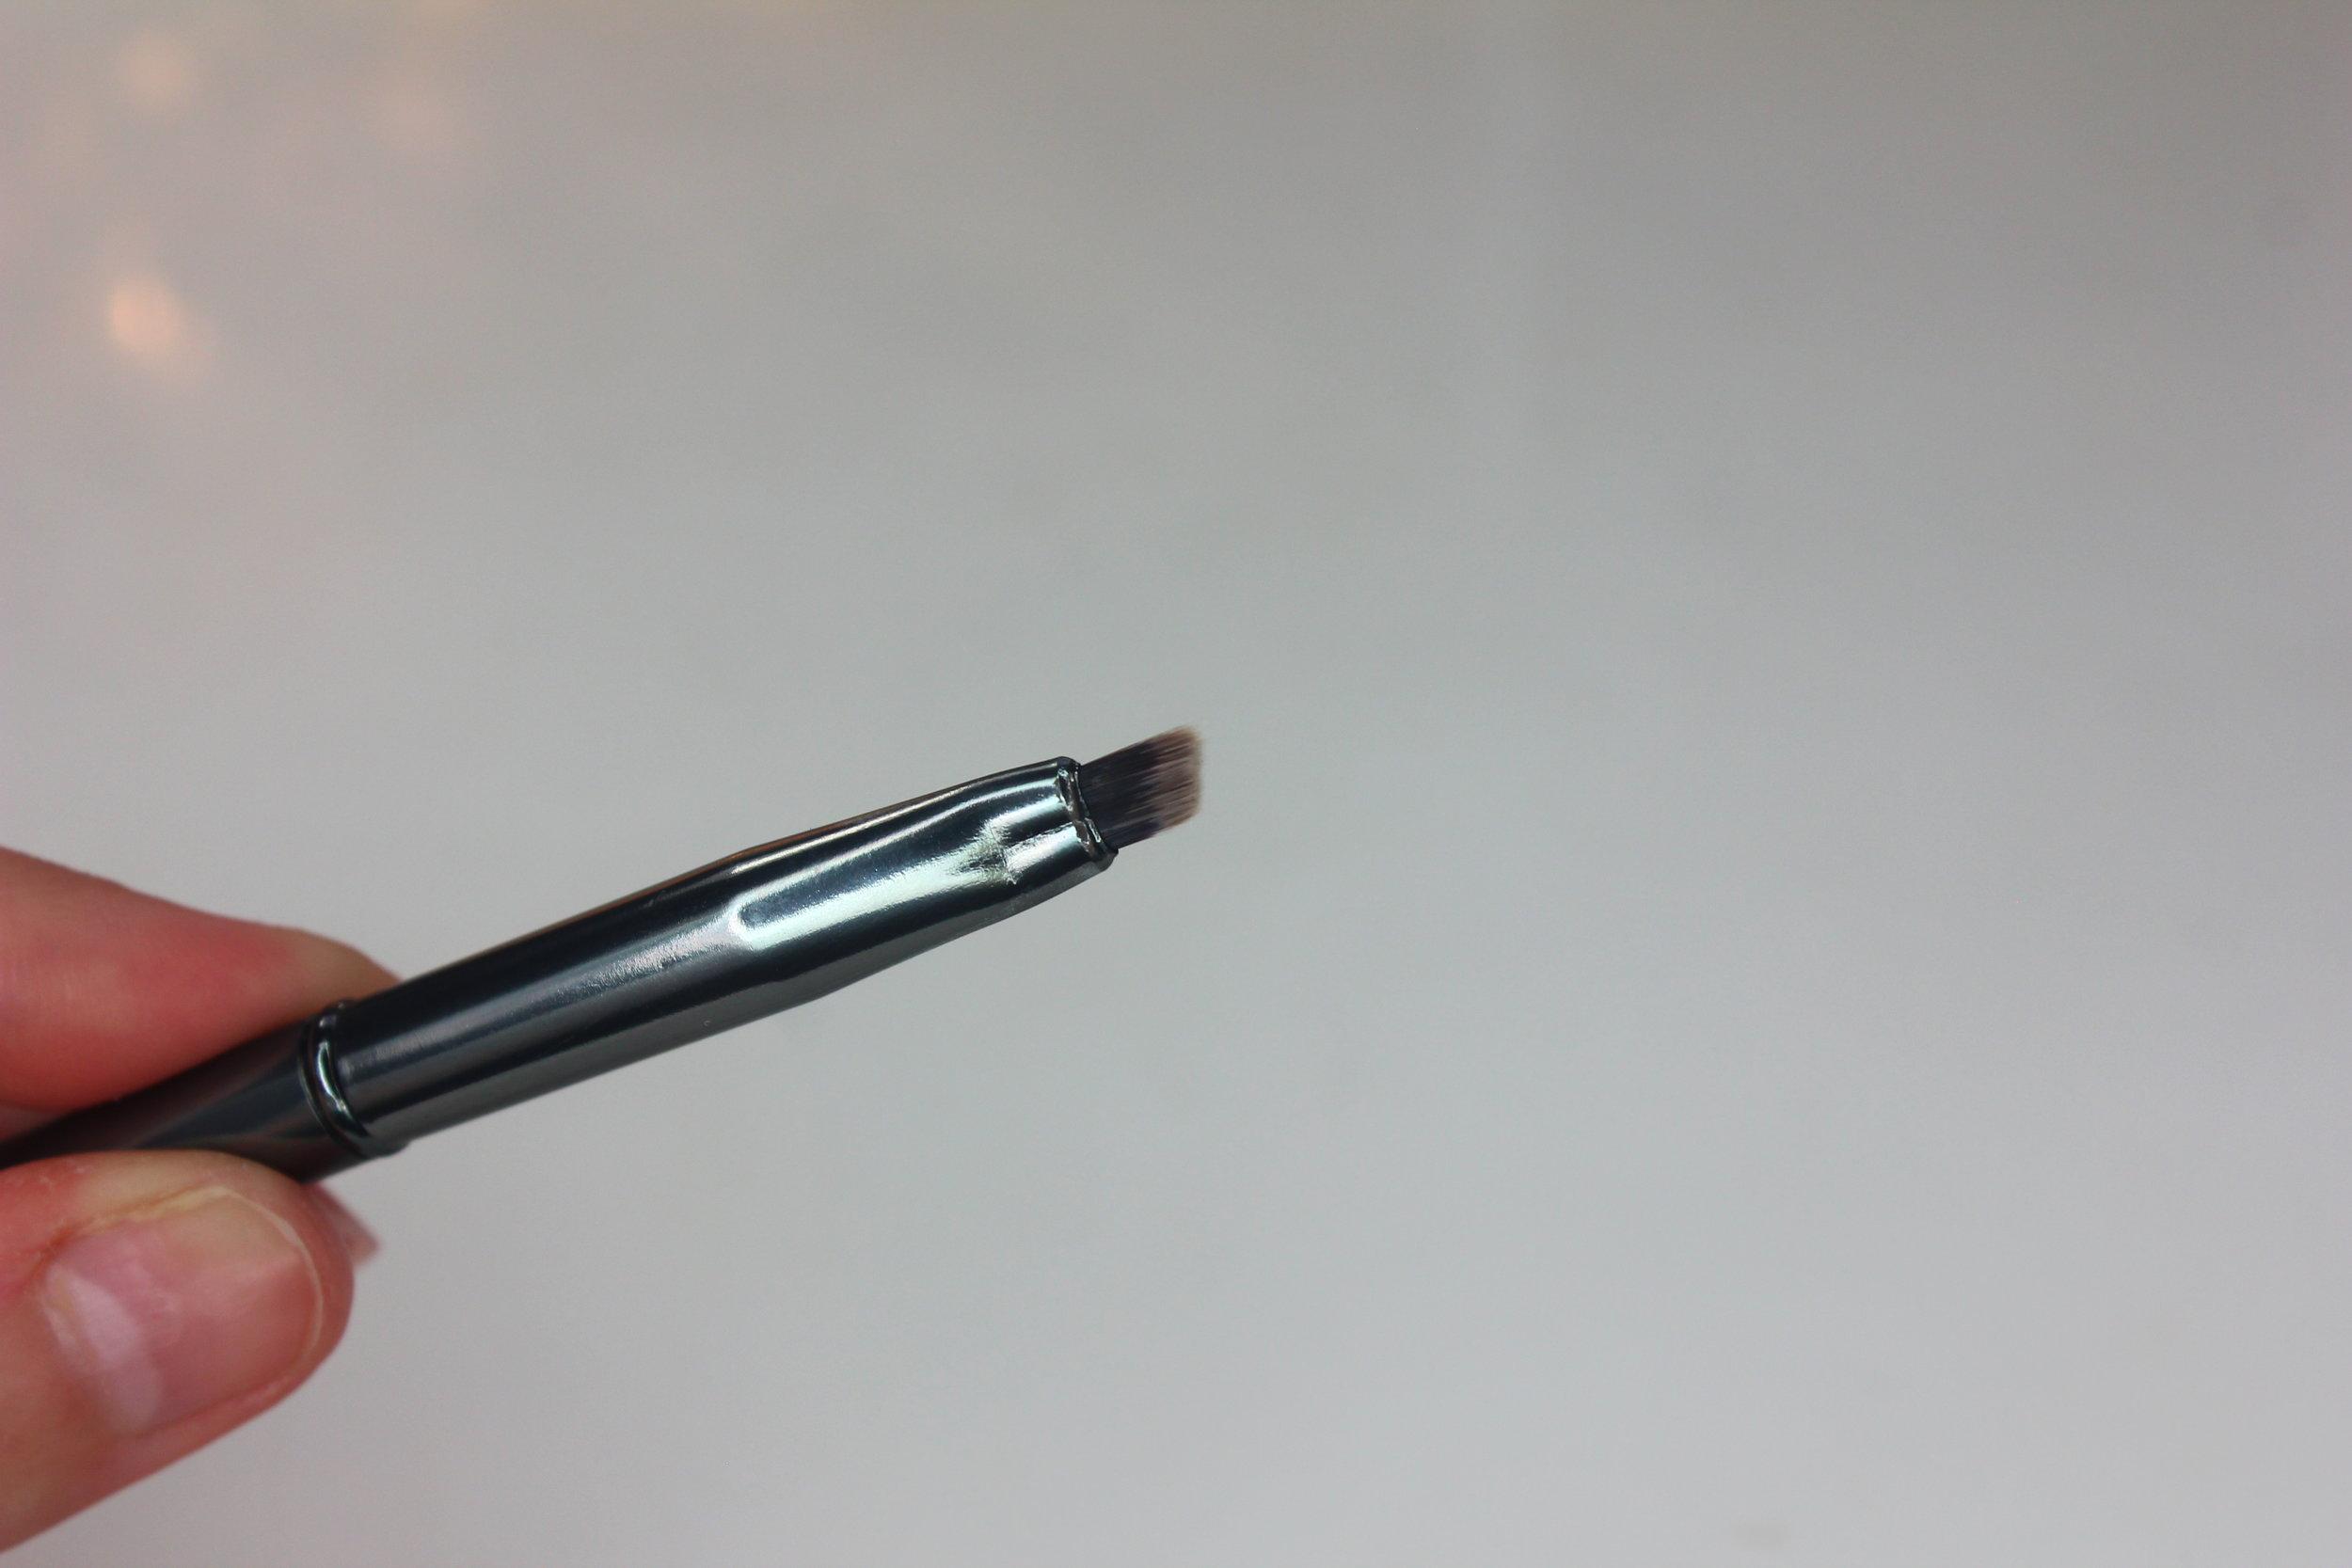 Morphe Brushes 2 - G29 Angled Liner